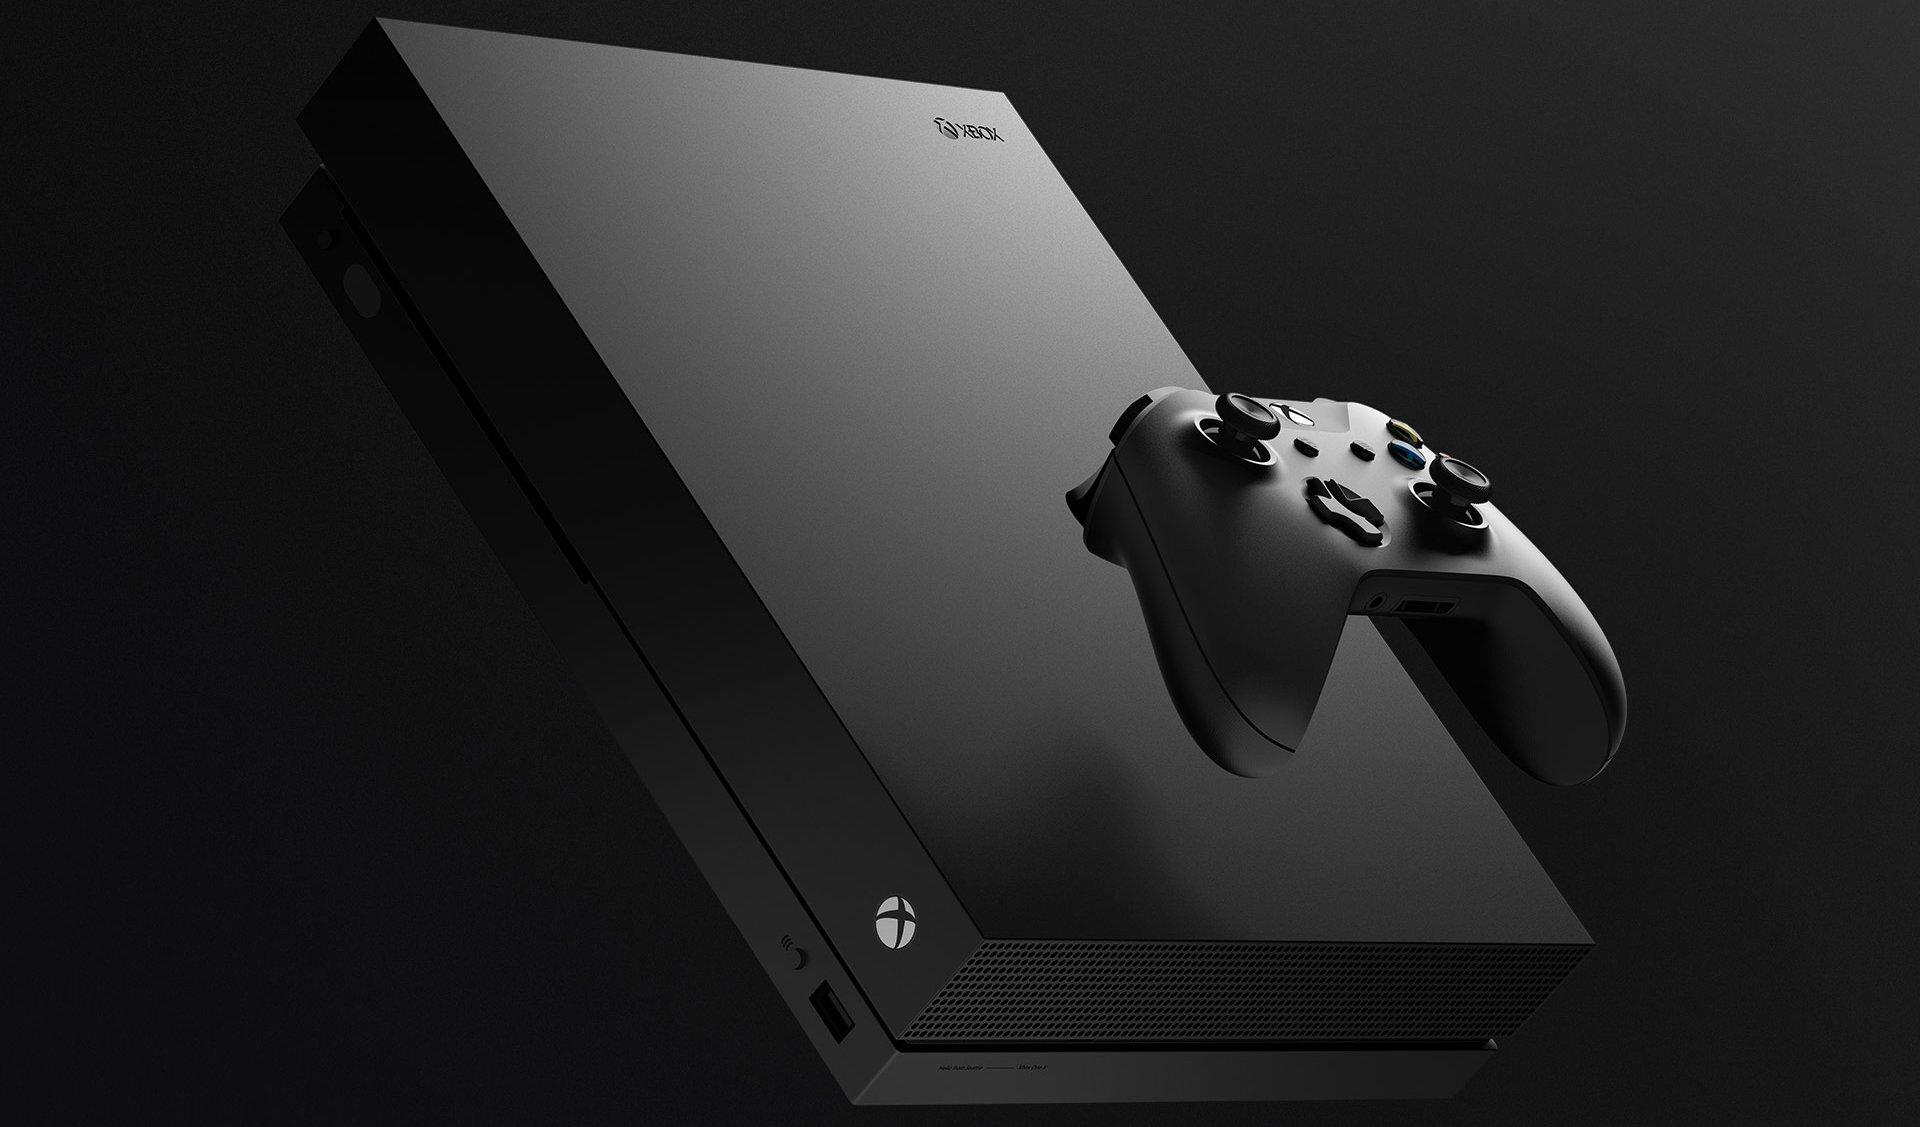 Стало известно, какие игры от старой Xbox One нельзя будет запустить на новенькой Xbox Series X